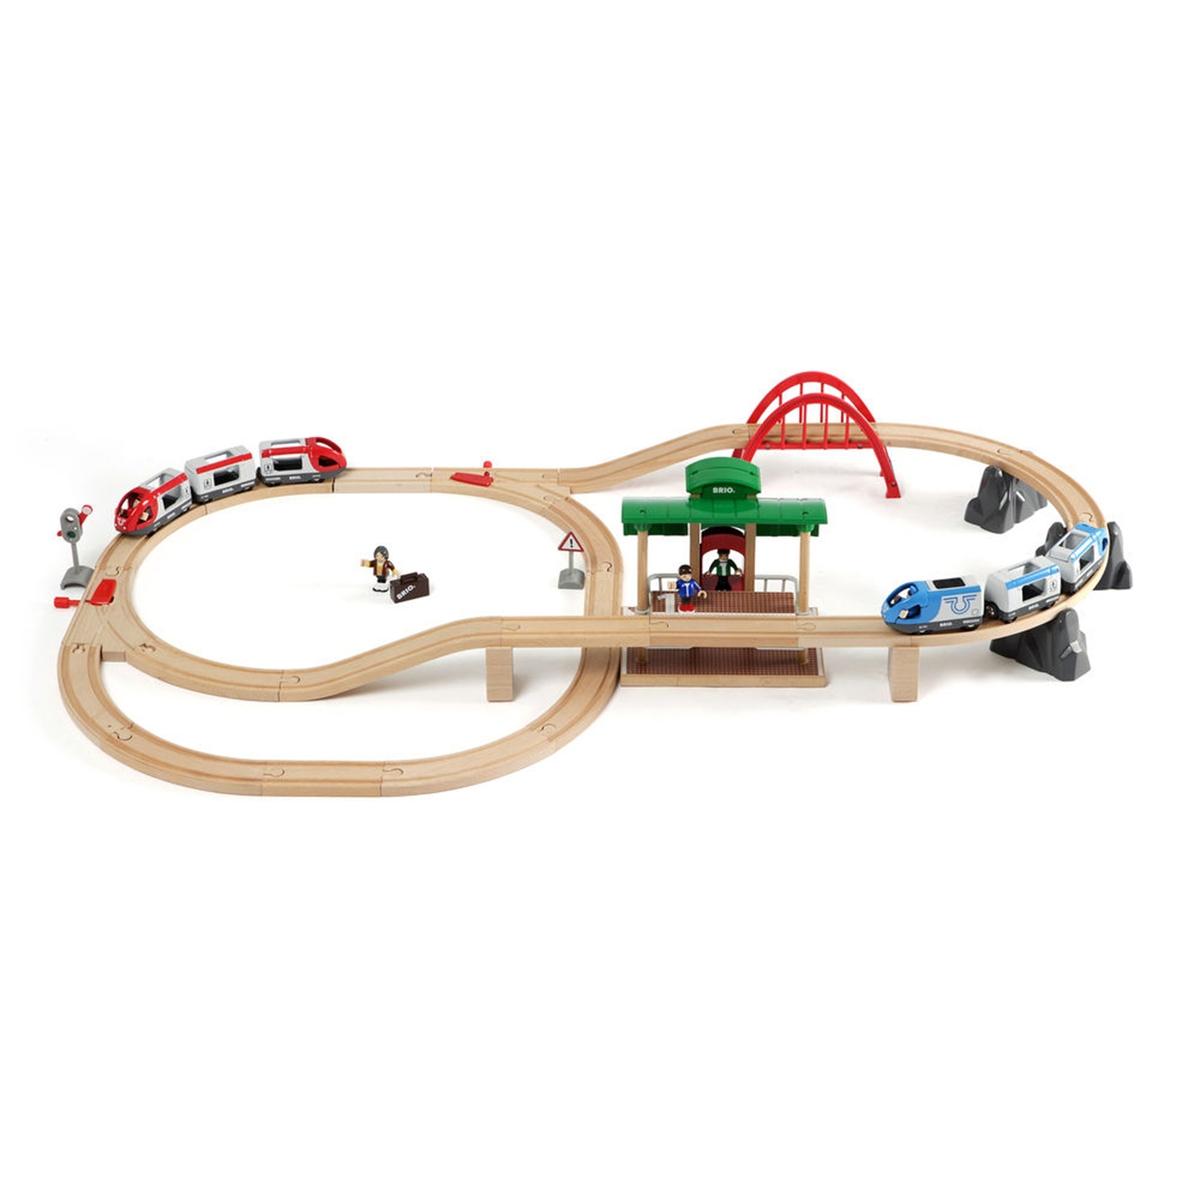 An image of Brio Passenger Platform Circuit